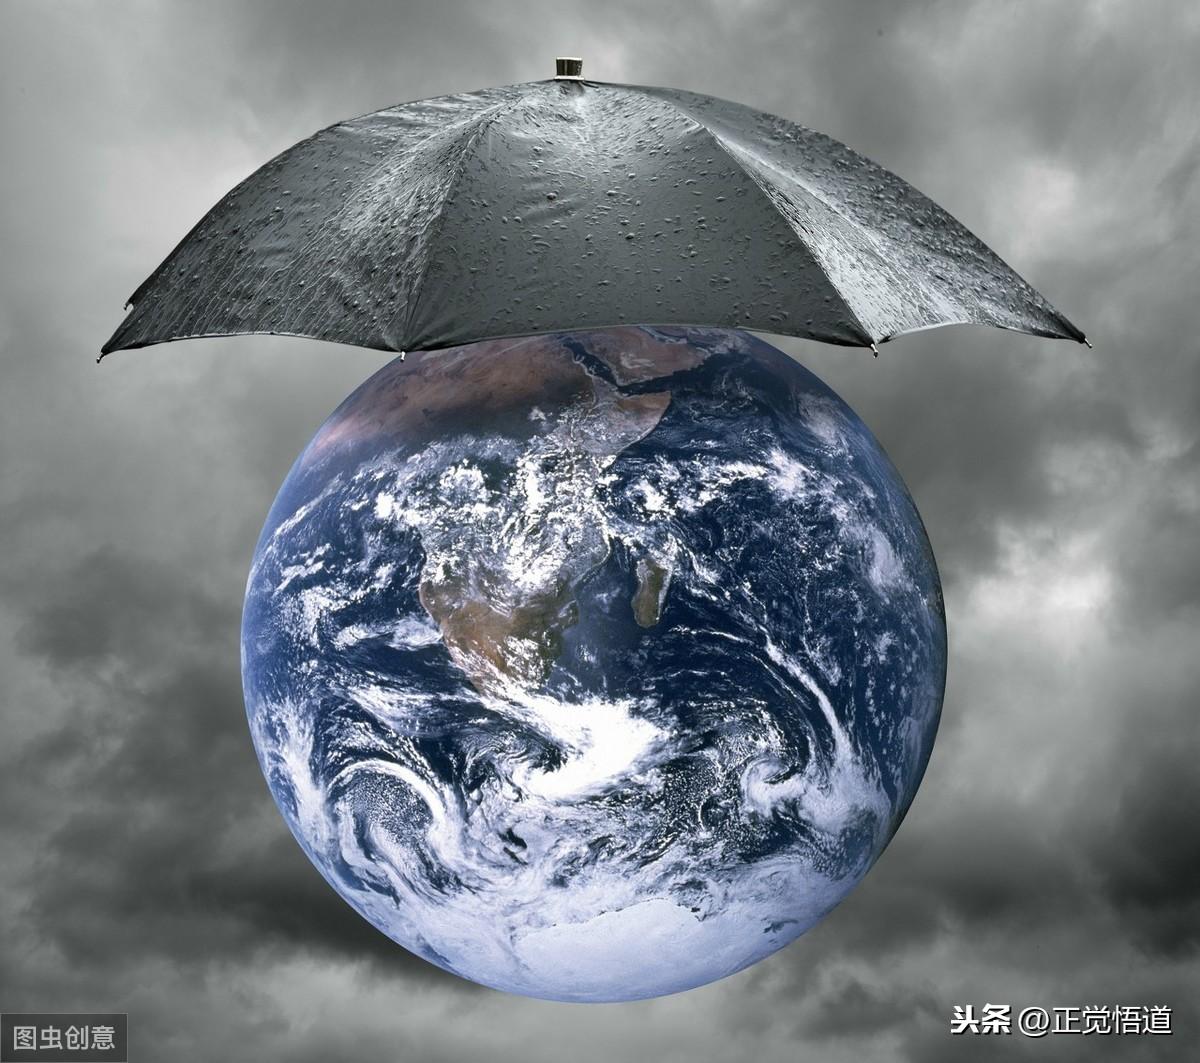 保护动物 爱护环境 节约用水用电 节约粮食 节能减排 低碳出行 节约省钱 第2张